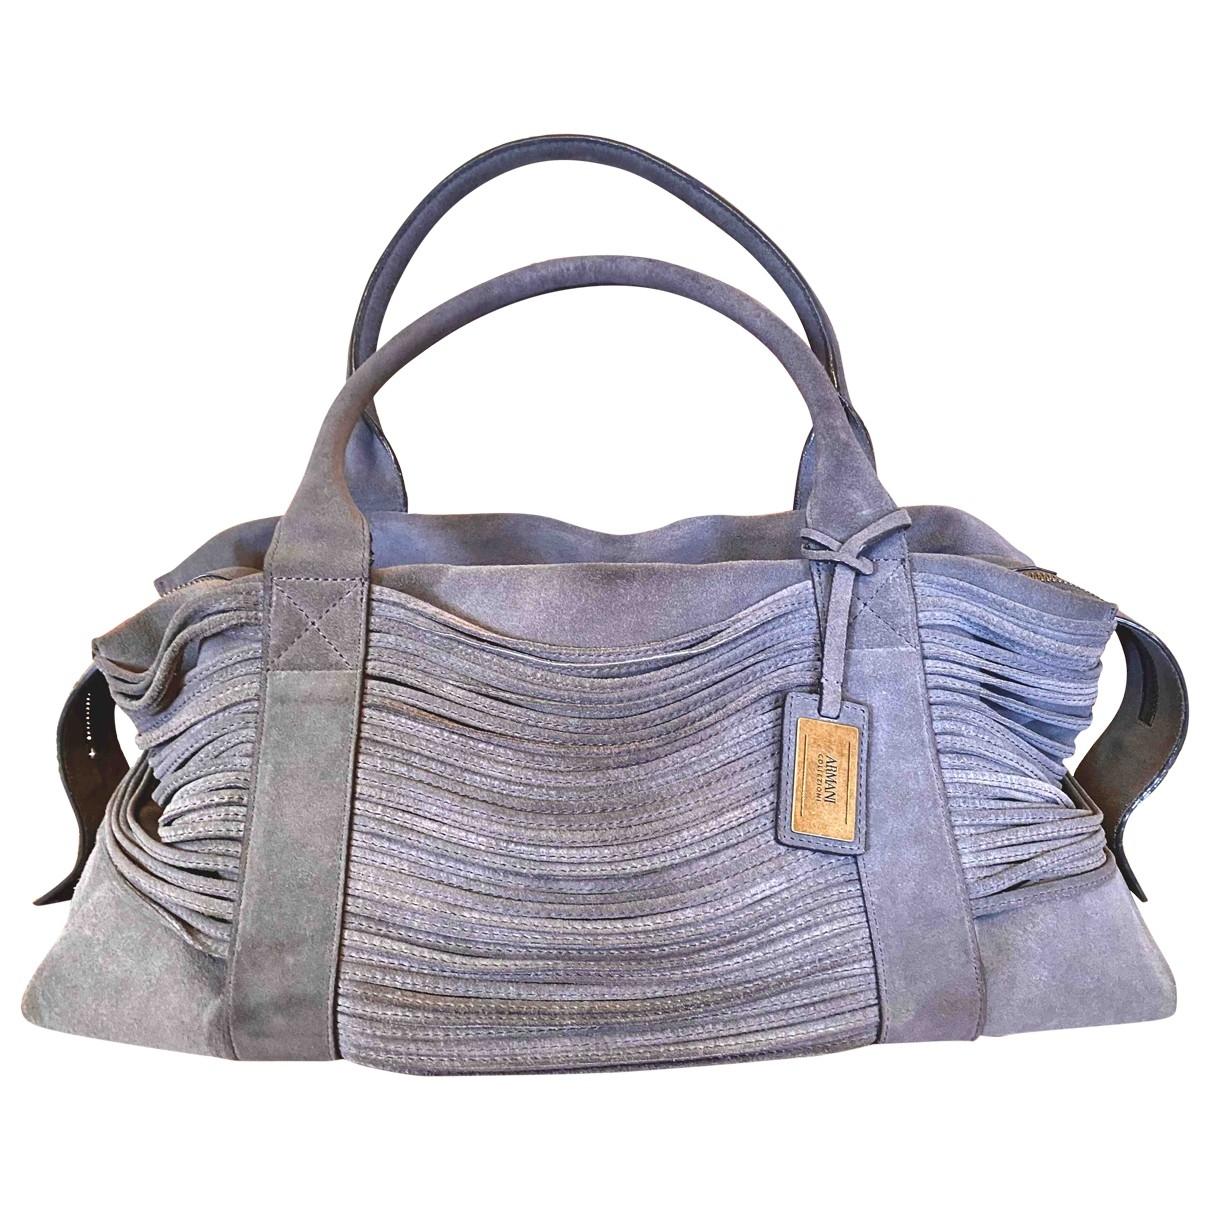 Armani Collezioni \N Grey Suede handbag for Women \N